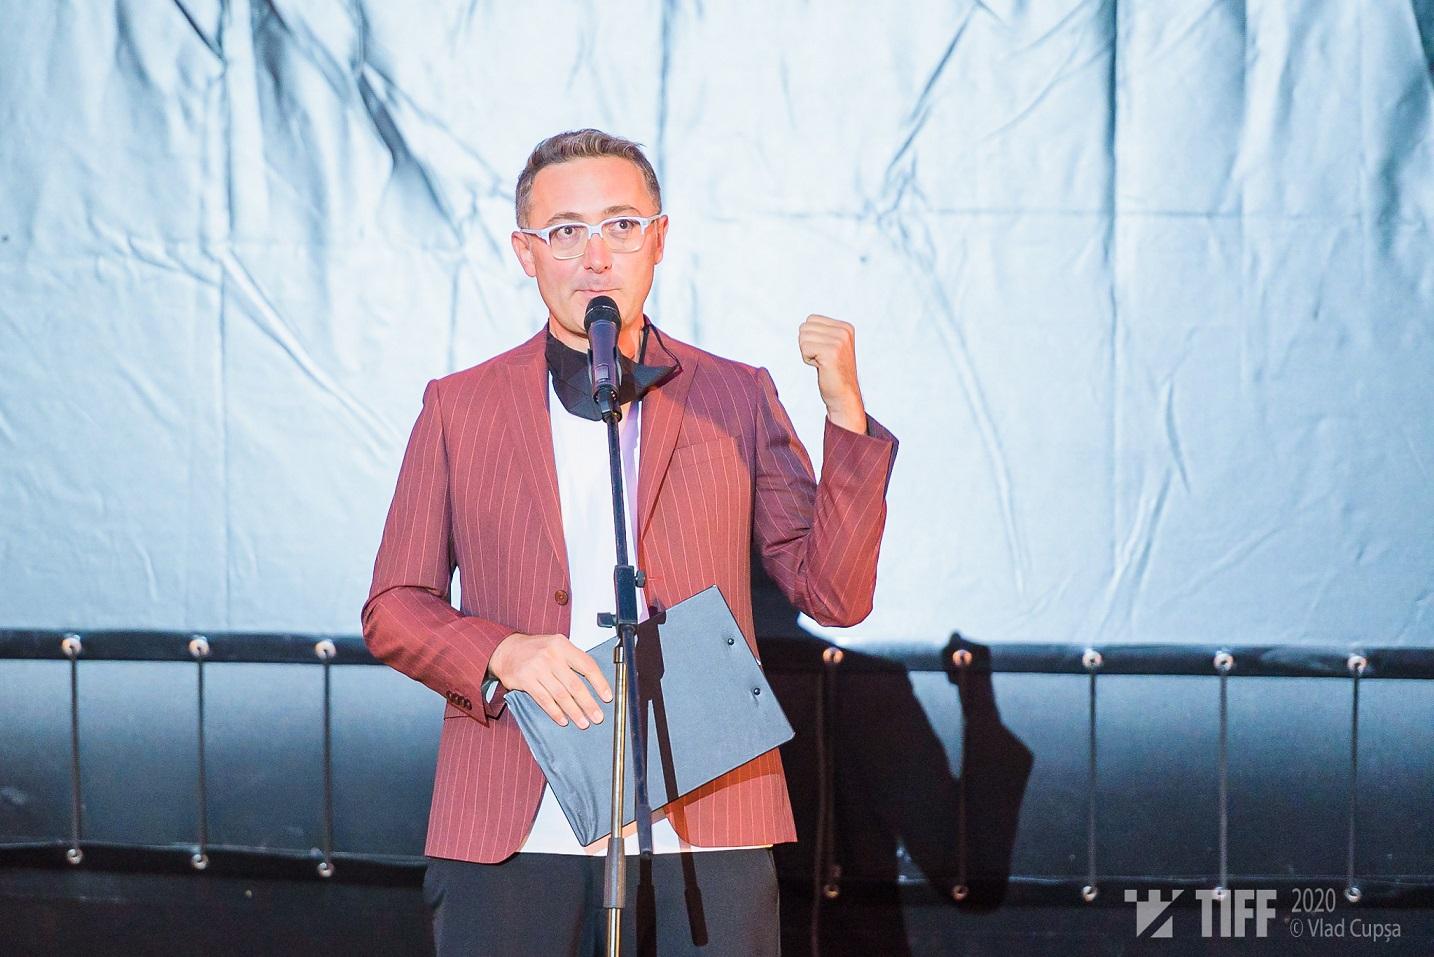 Tudor Giurgiu la Gala de deschidere TIFF 2020 - Foto Vlad Cupșa